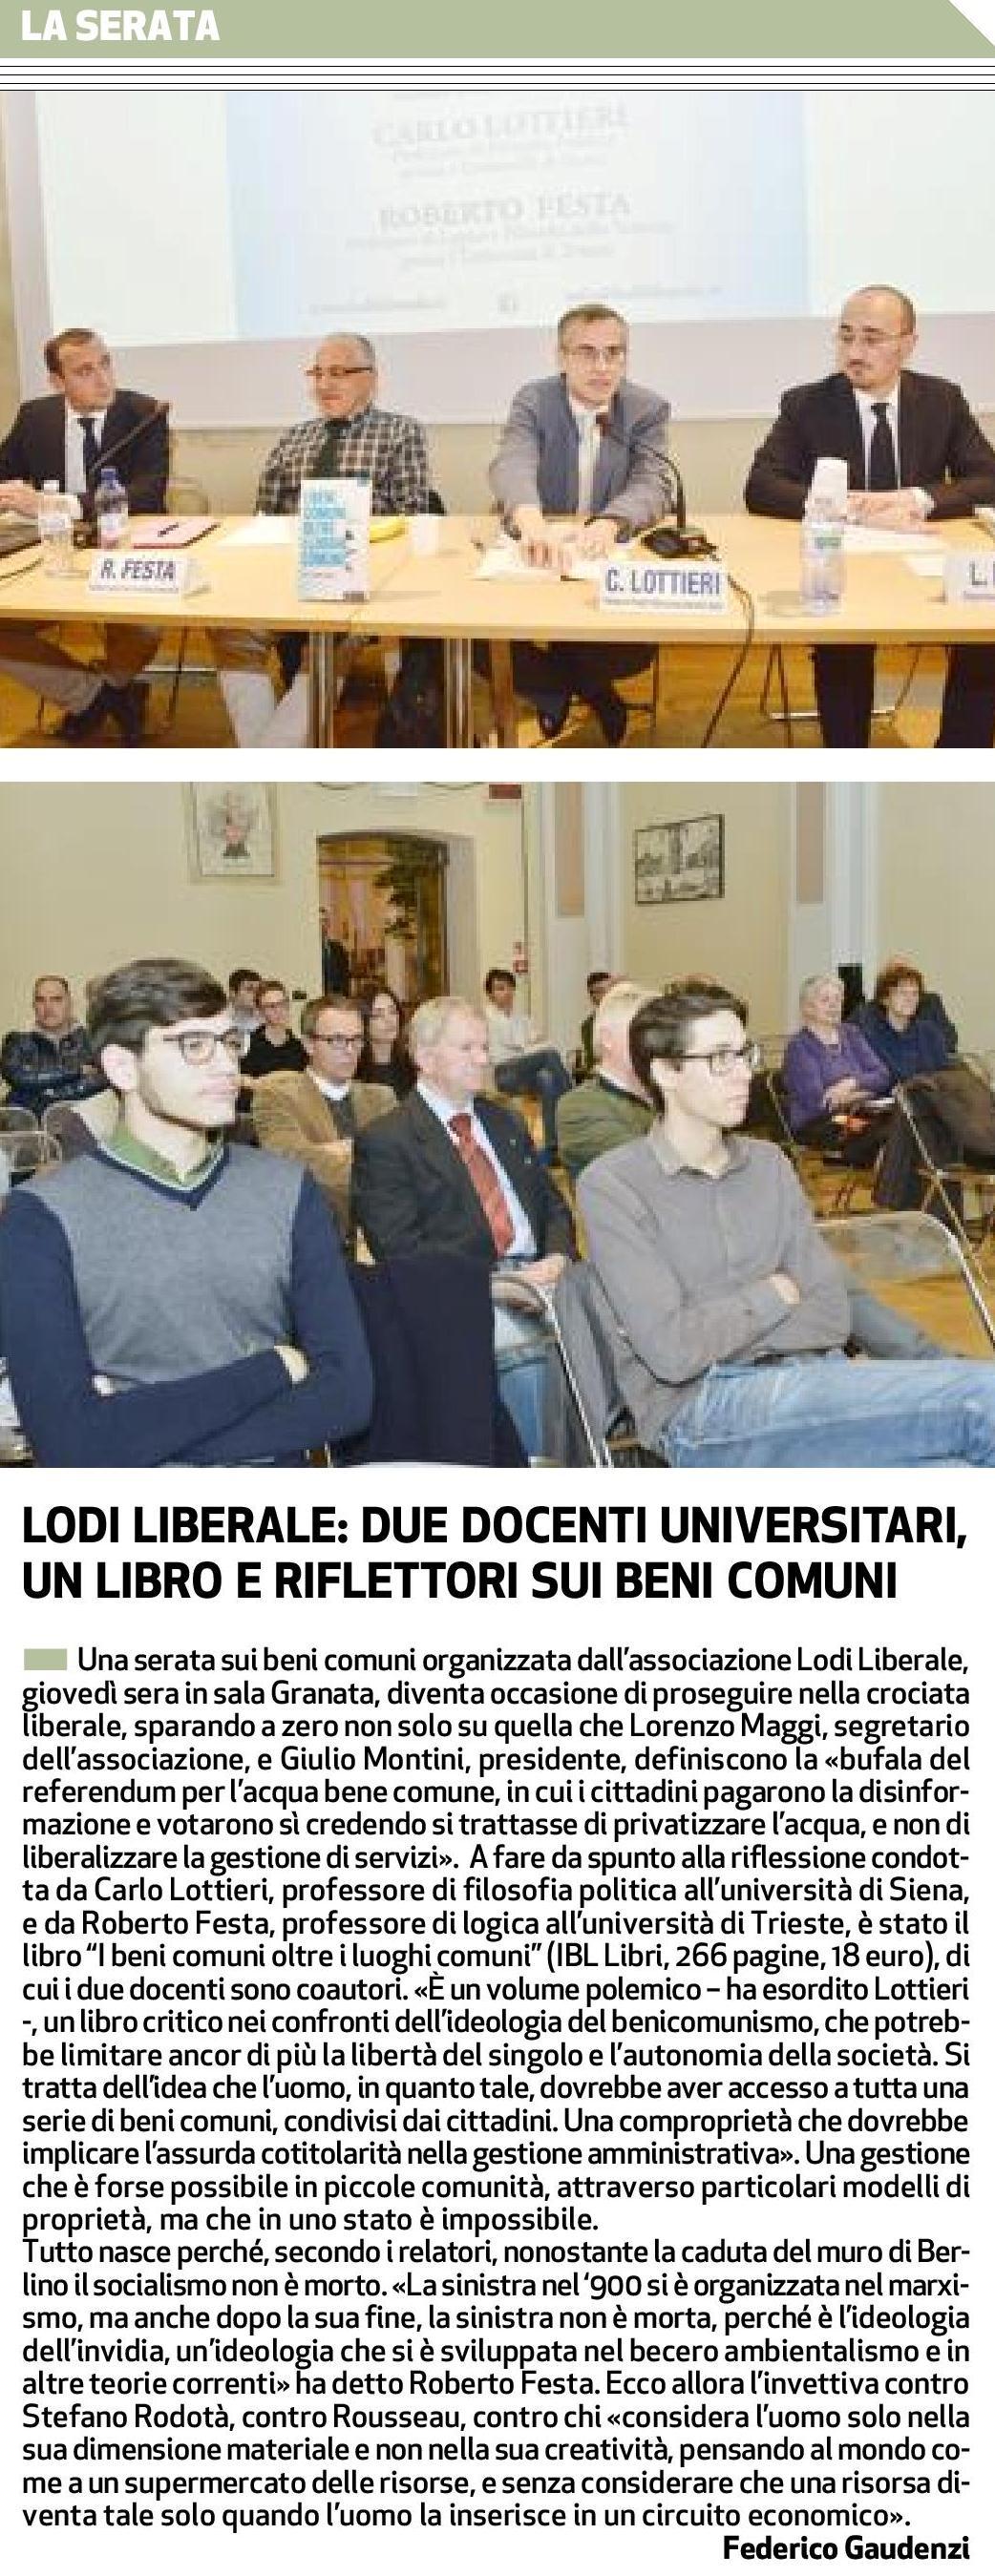 """Associazione Lodi Liberale - Presentazione del libro """"I beni comuni oltre i luoghi comuni"""" di Ibl Libri"""